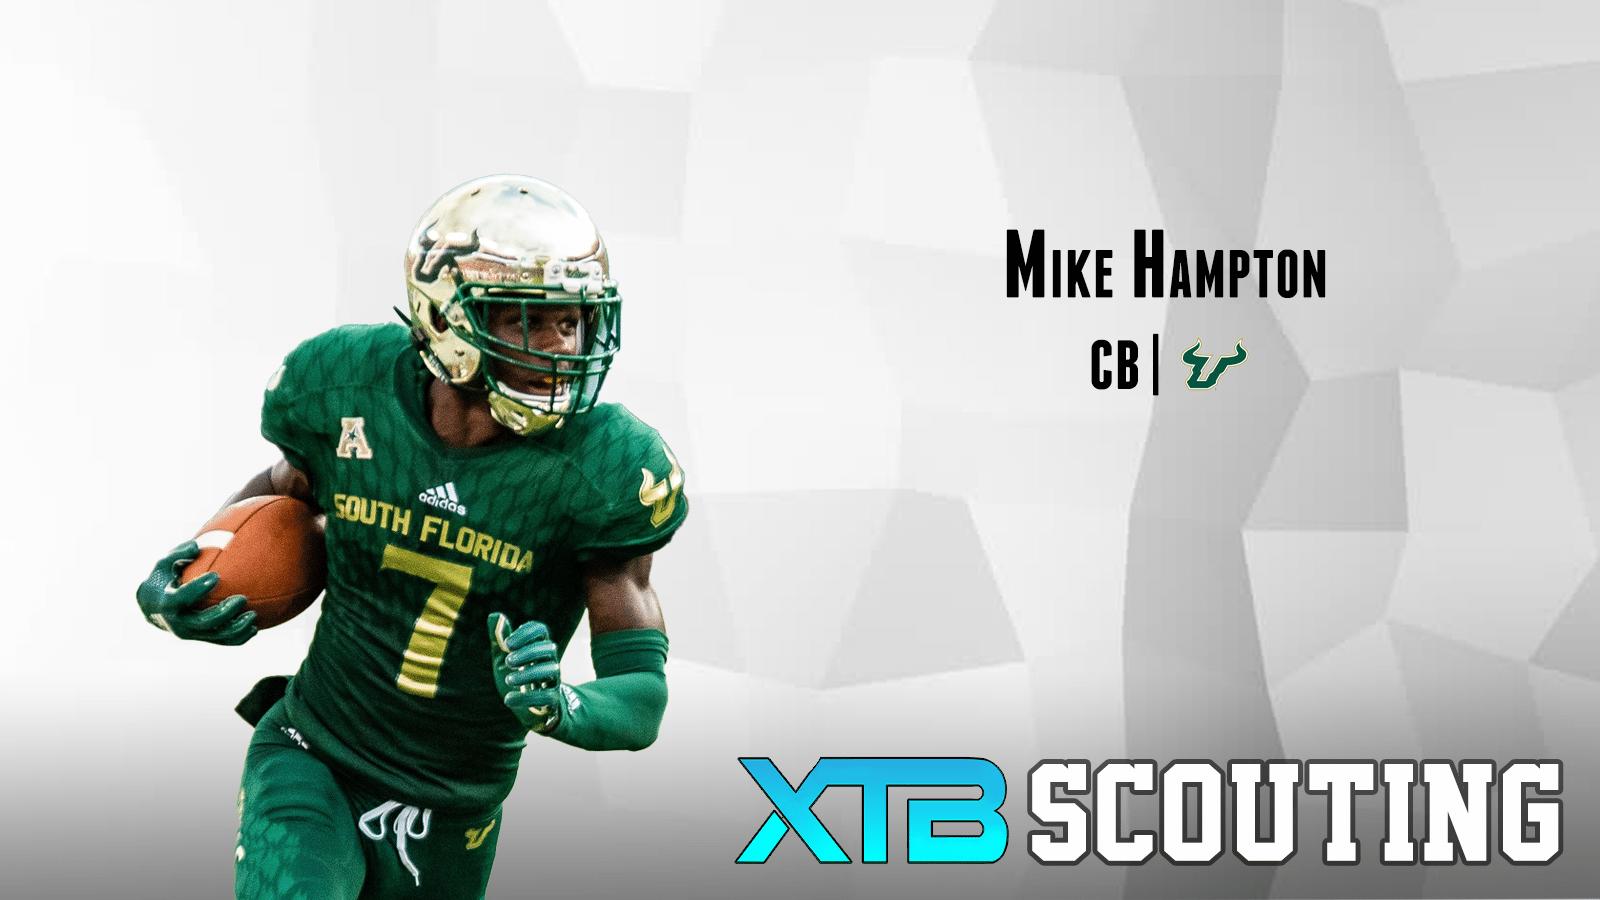 Mike Hampton